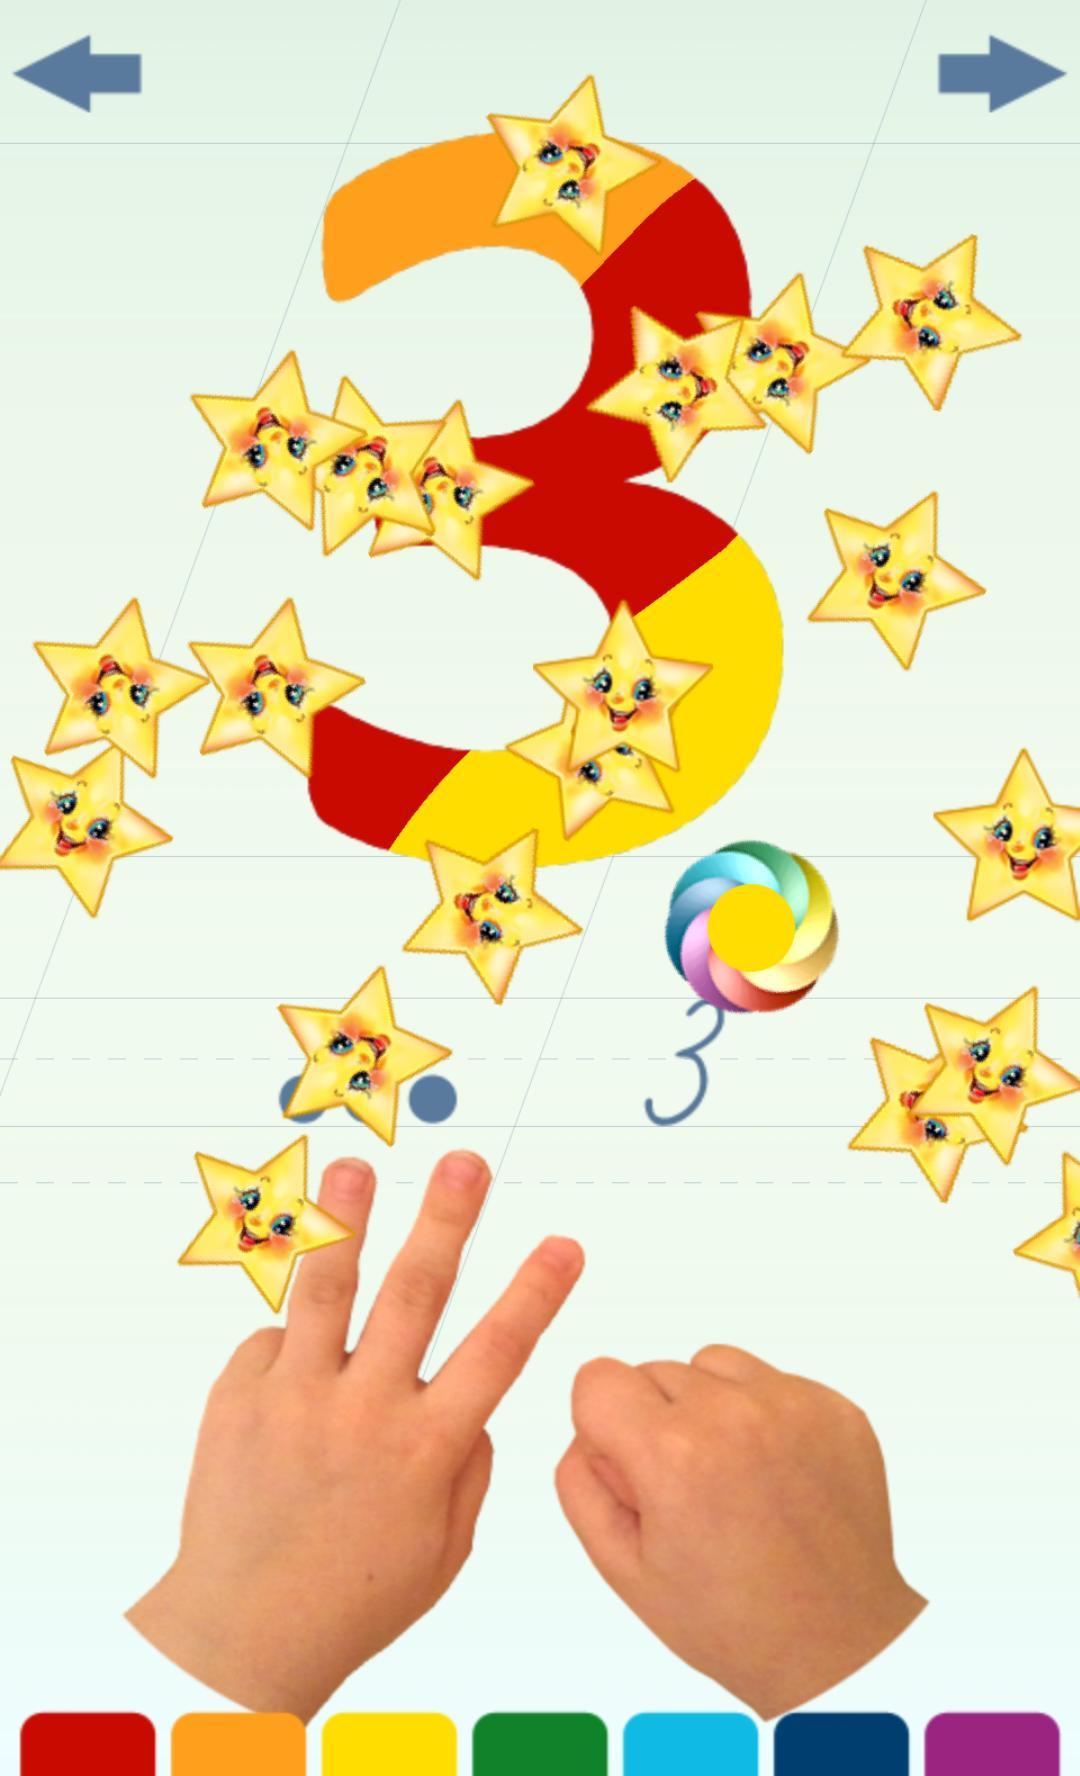 Chiffres Pour Enfants For Android - Apk Download destiné Chiffre Pour Enfant